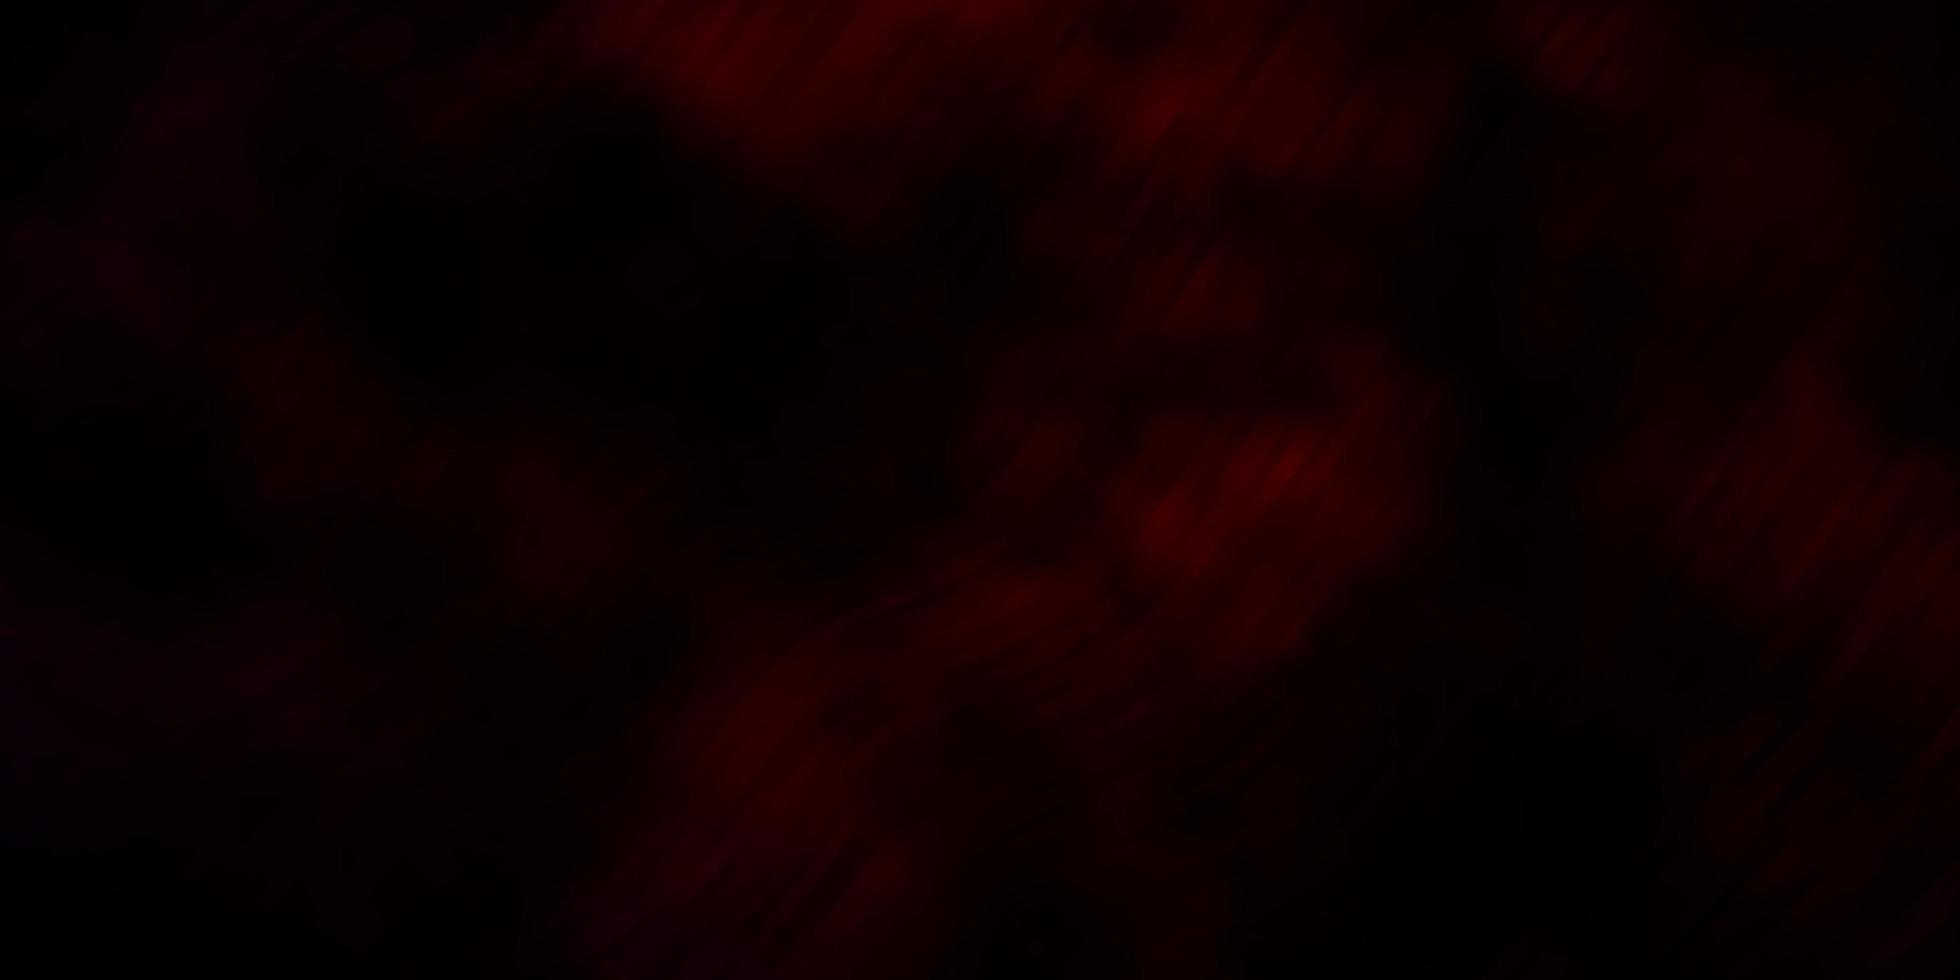 dunkelroter Vektorhintergrund mit Kurven. vektor